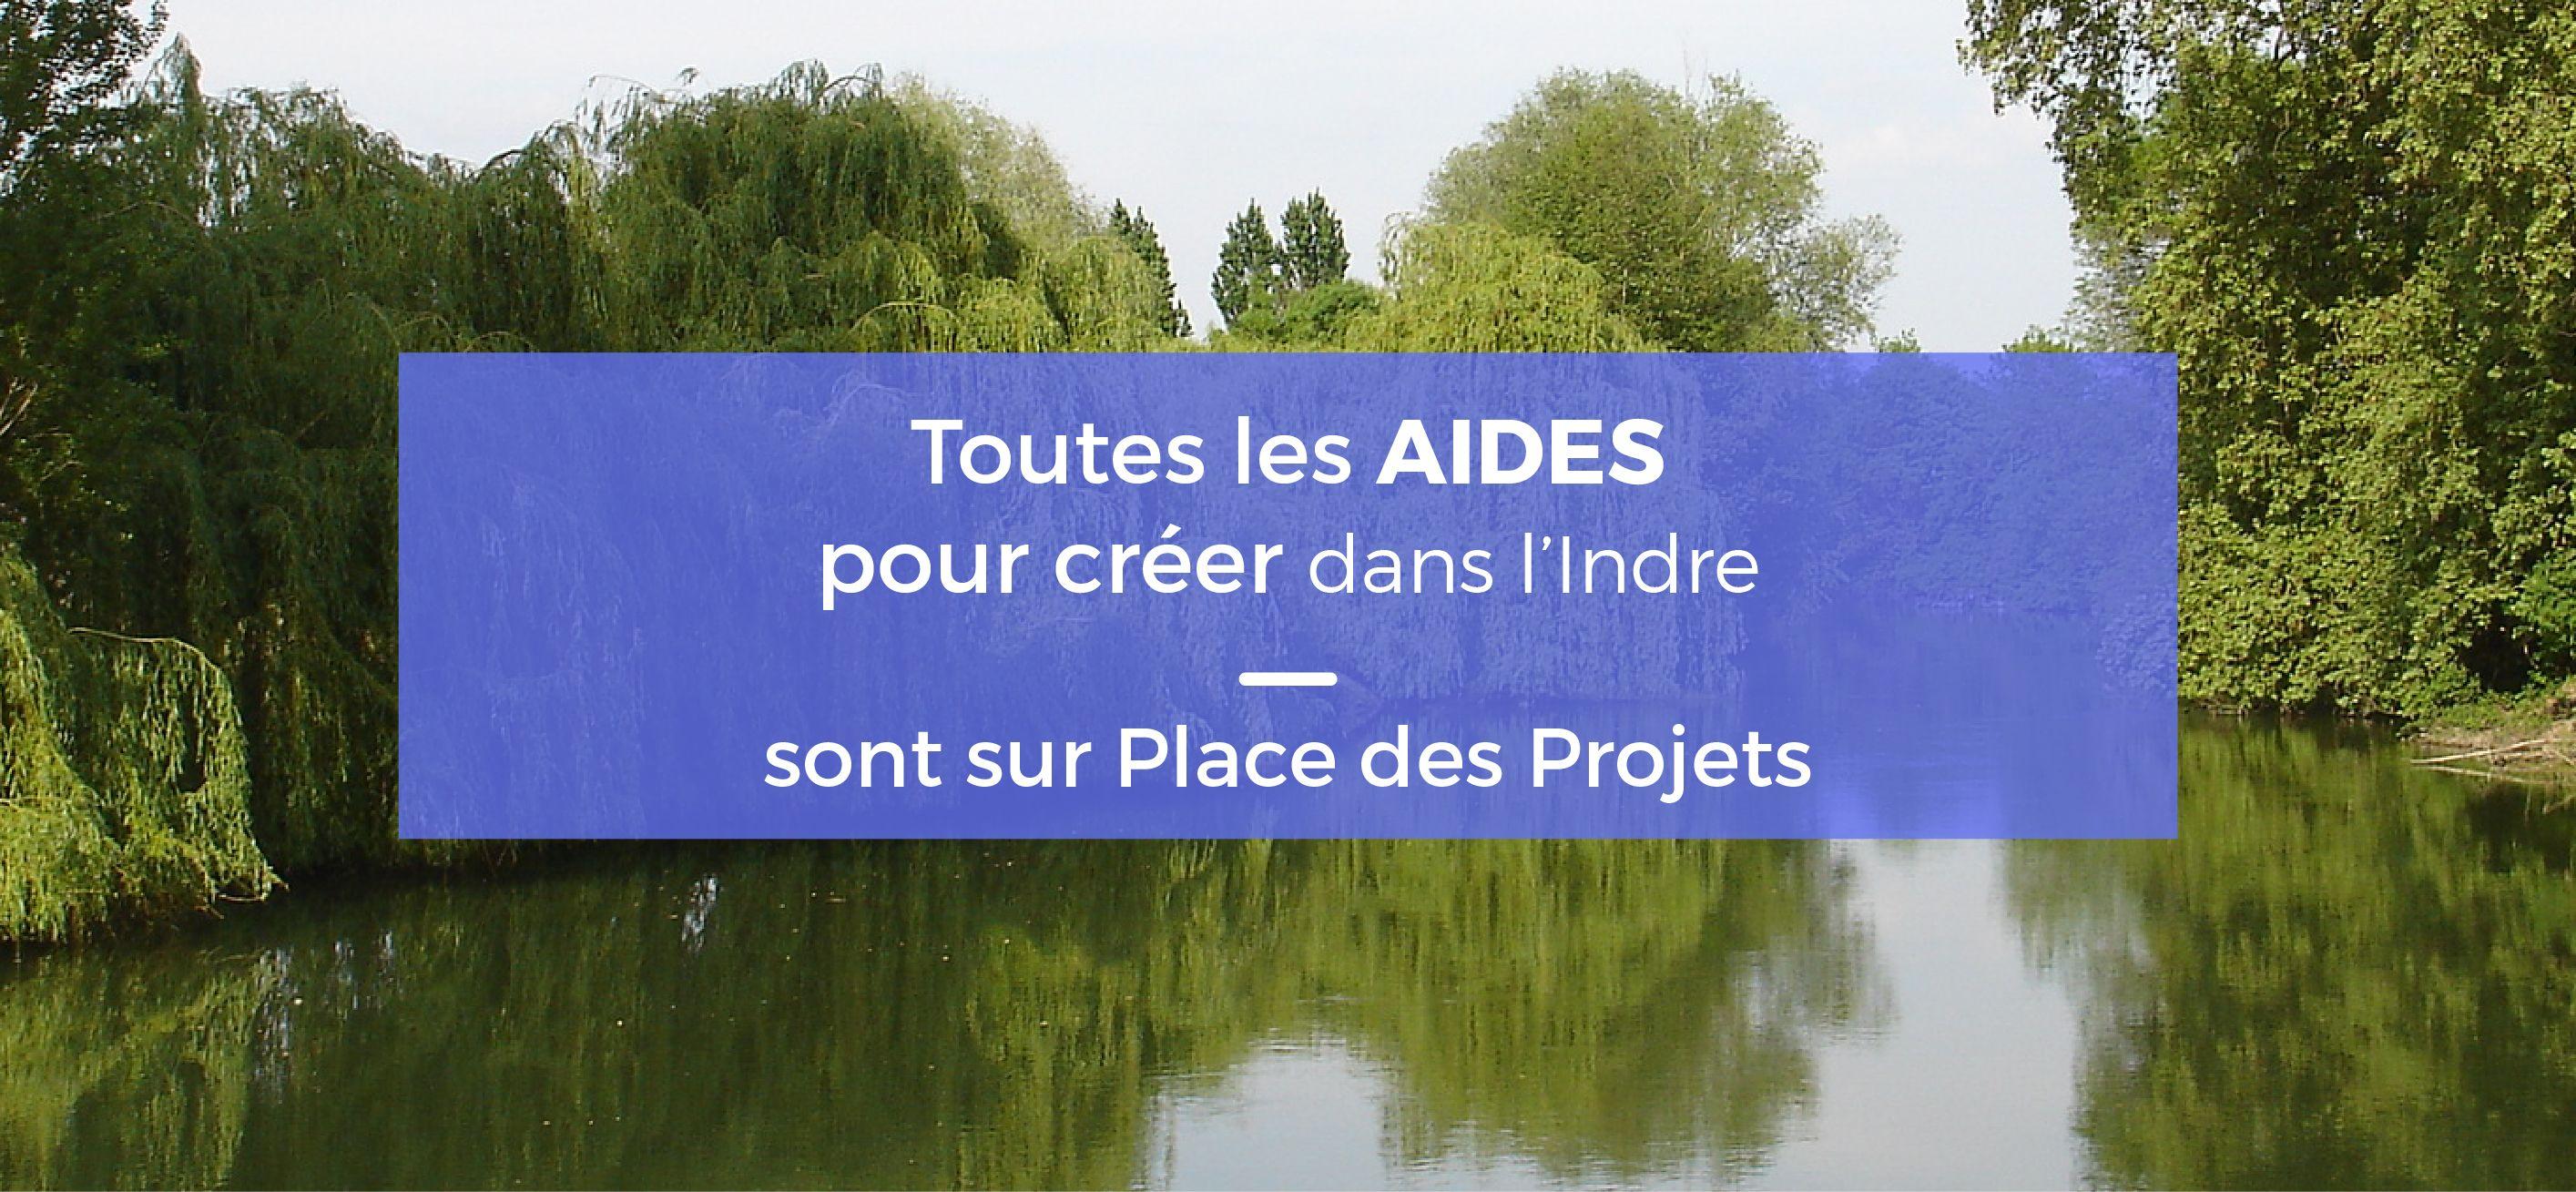 Retrouvez, comparez et contactez l'aide à la création d'entreprise en Indre. Nous mettons en relation porteurs de projets et professionnels.